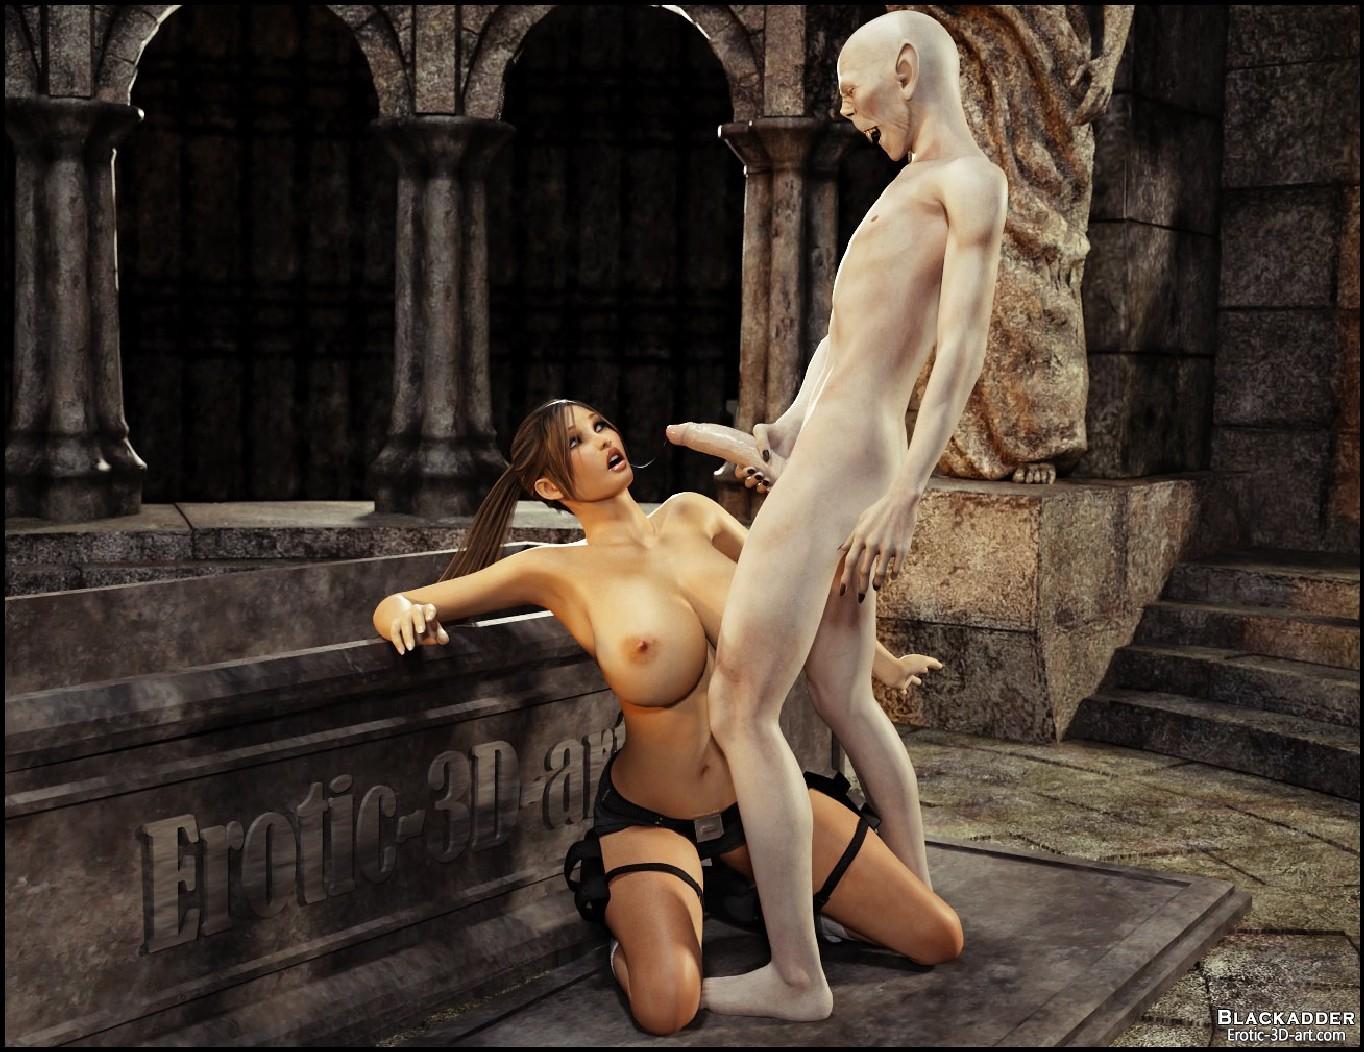 3D Tomb Raider Xxx blackadder - monster sex 6 • free 3d porn comics online